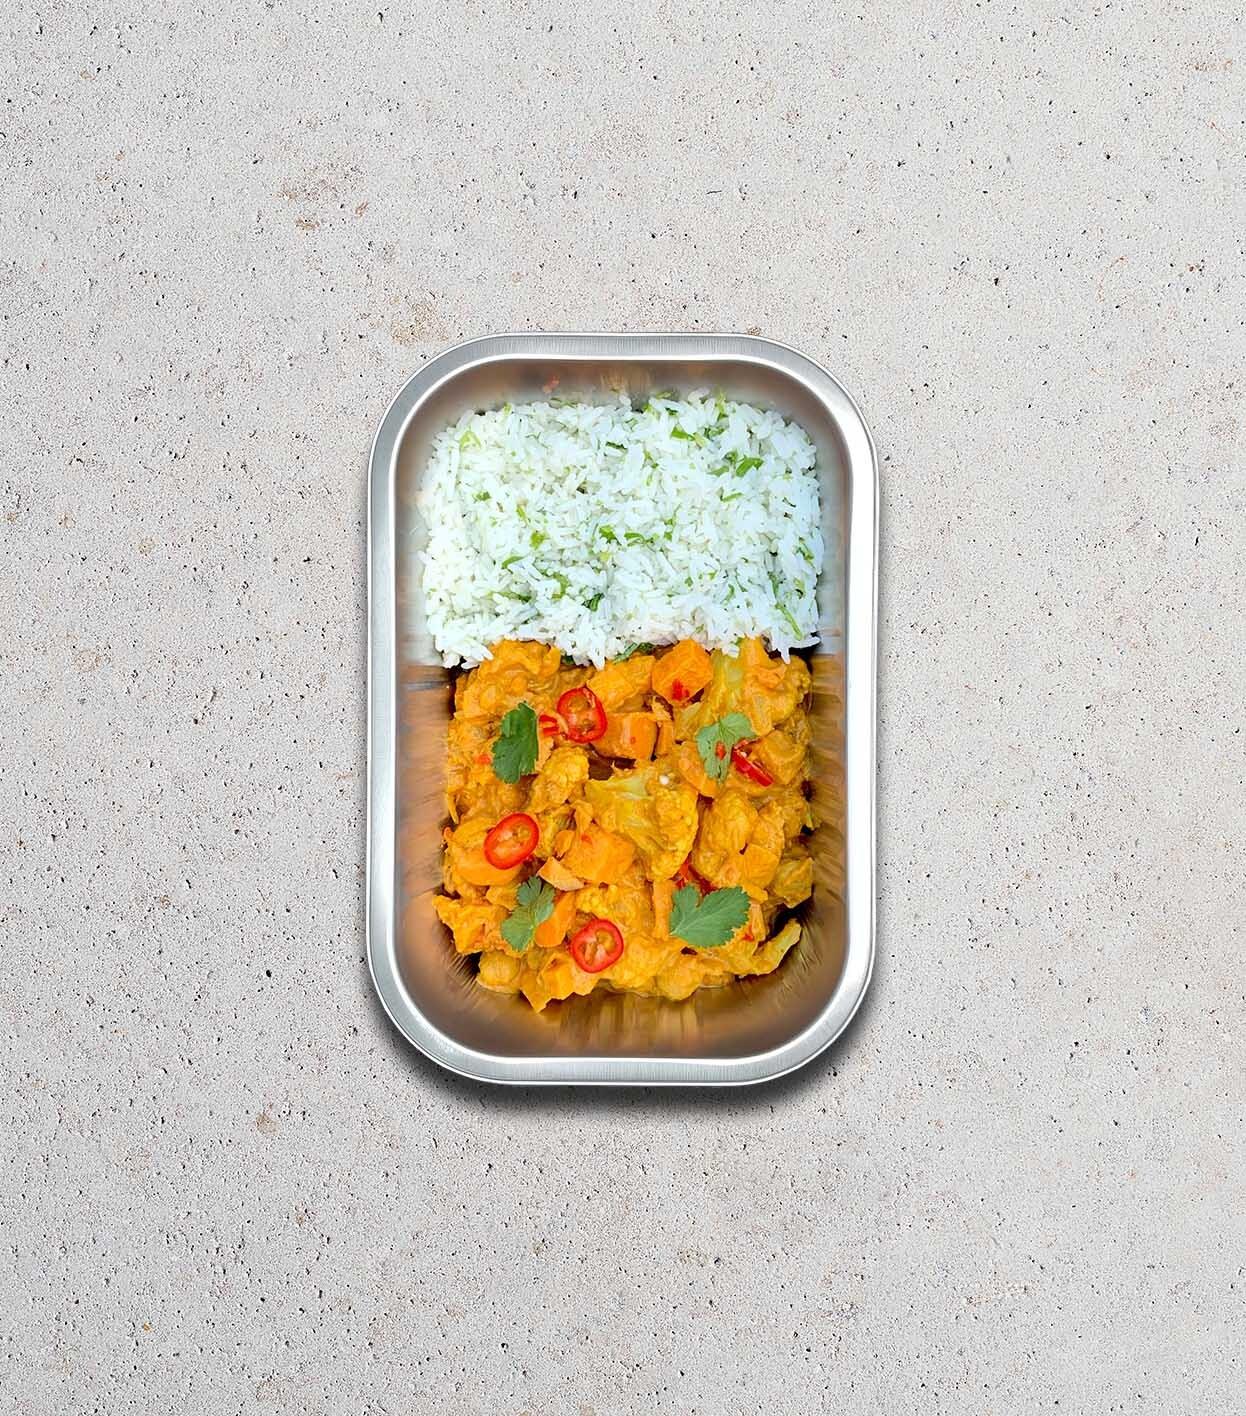 gezonde bereide maaltijd met Rijst - kokosmelk - zoete aardappel - bloemkool - kikkererwten - koriander - rode chili peper